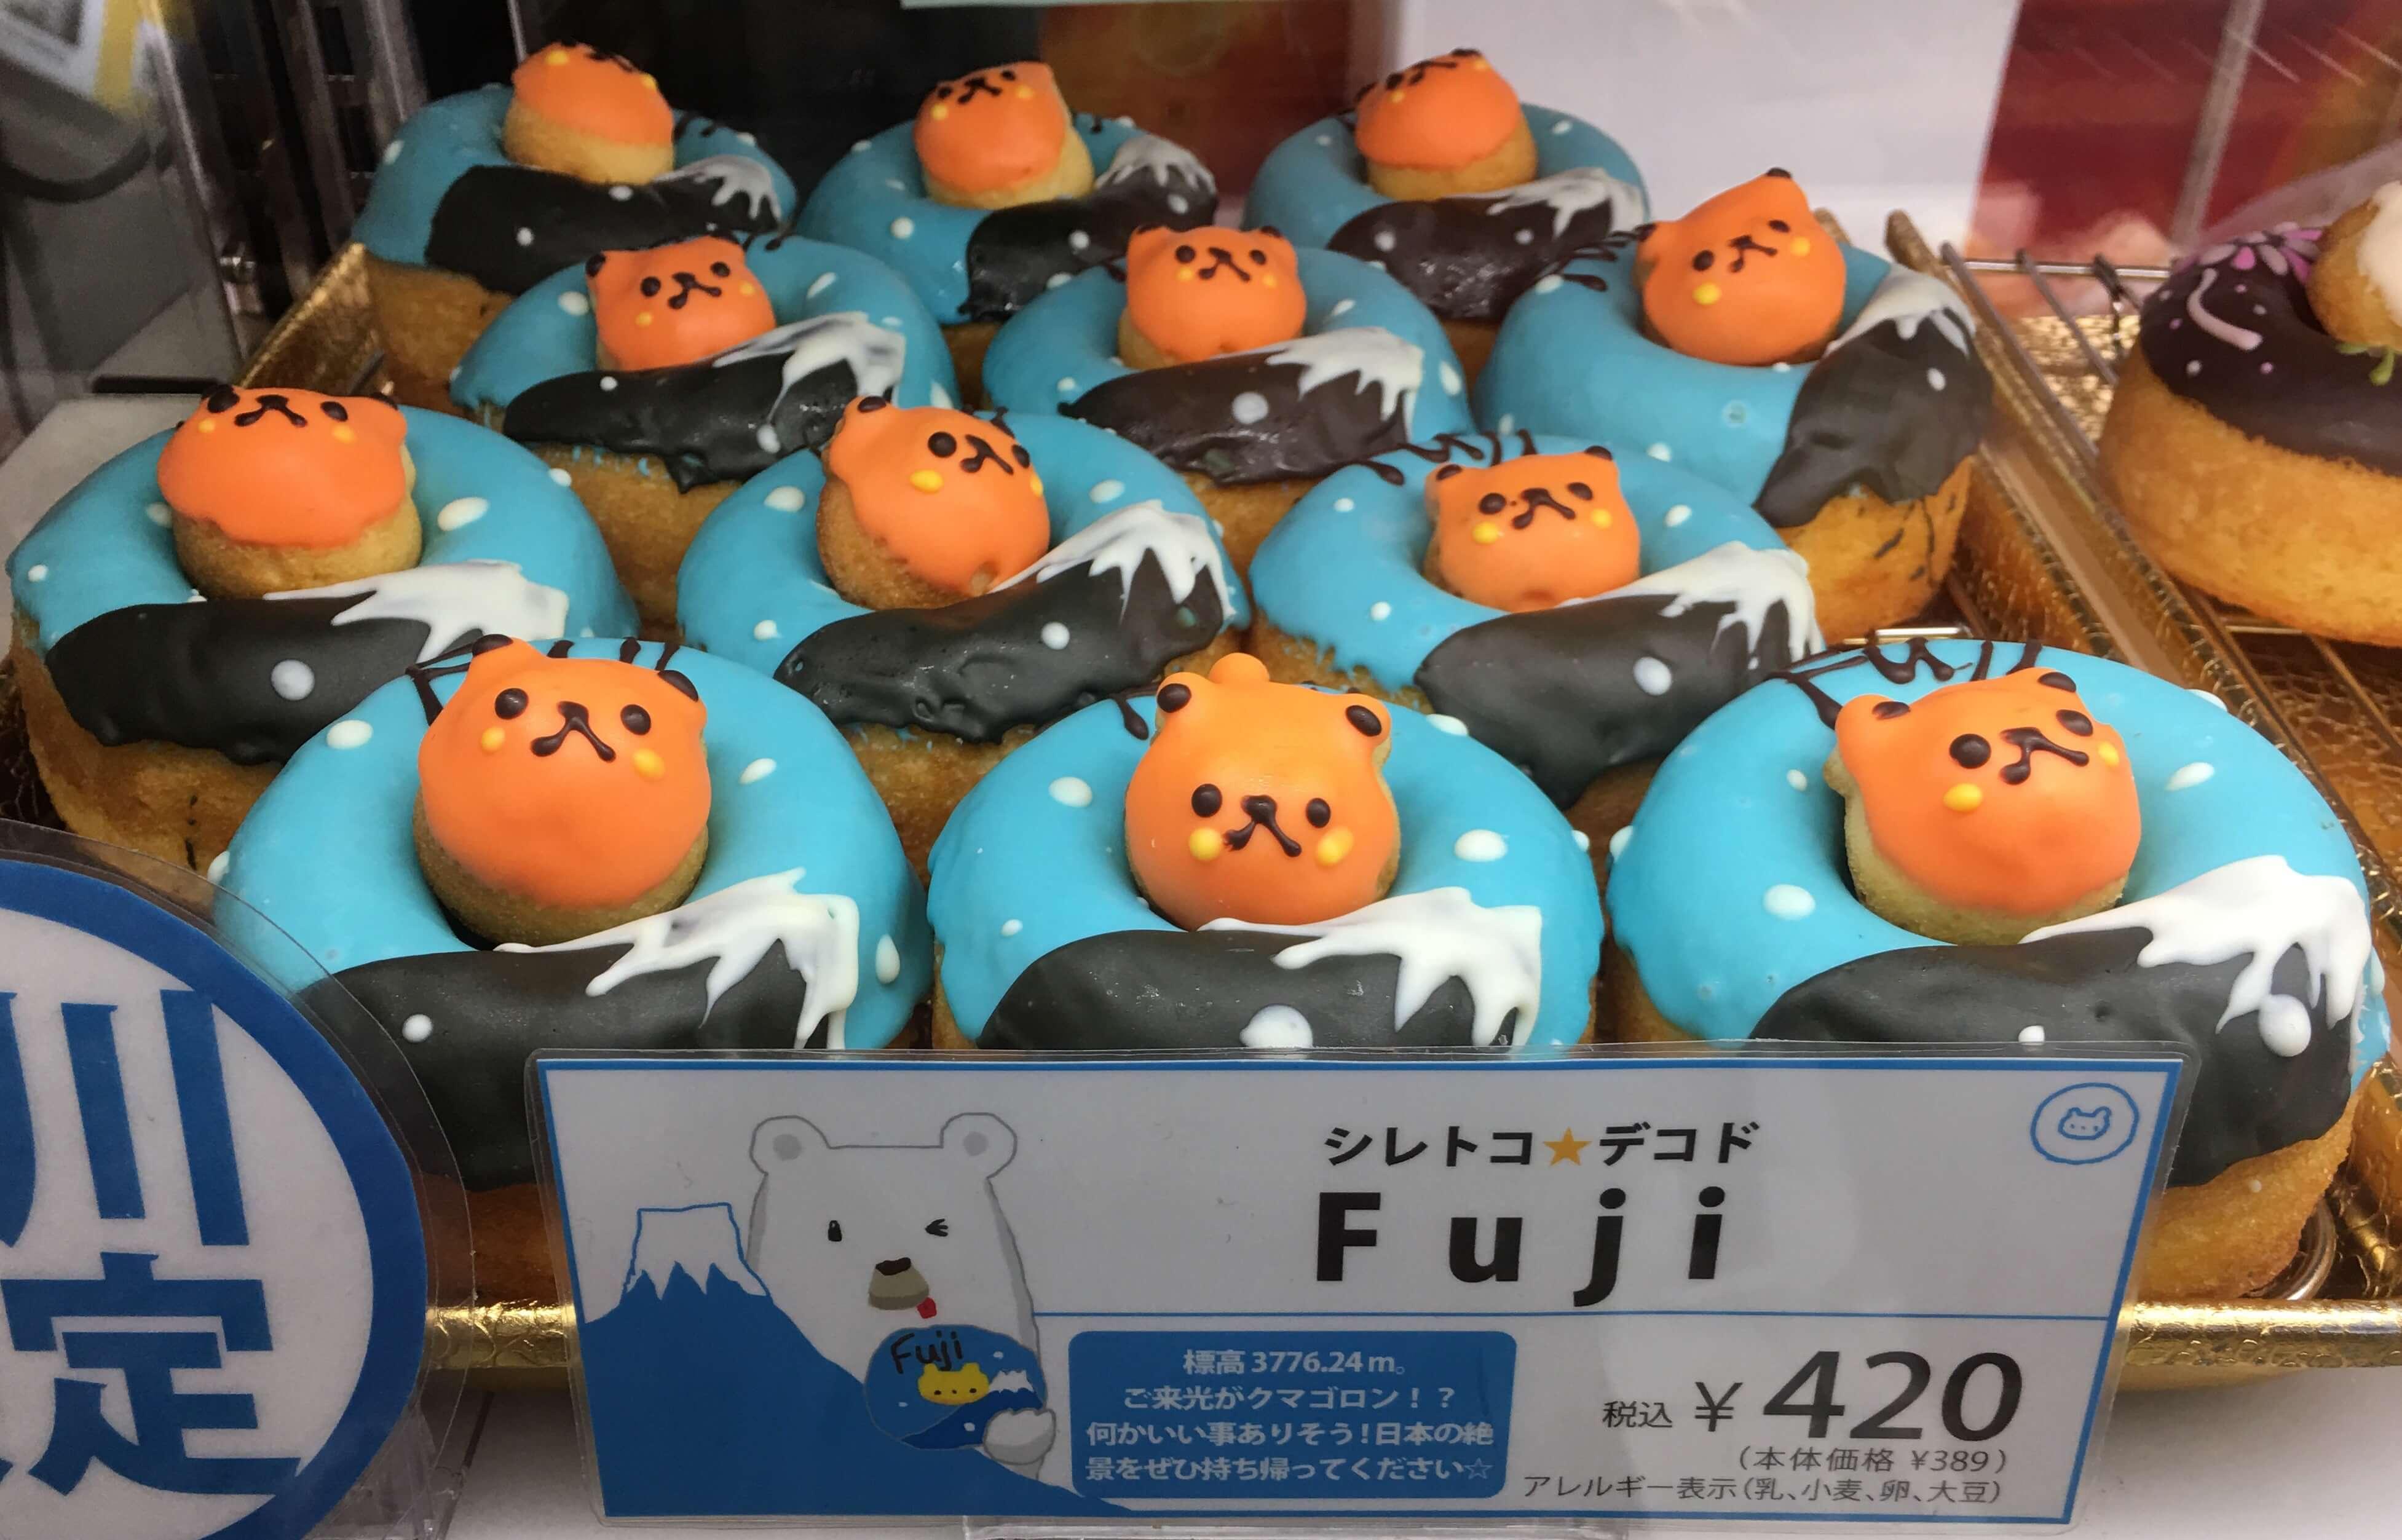 Cutest Mt. Fuji donuts